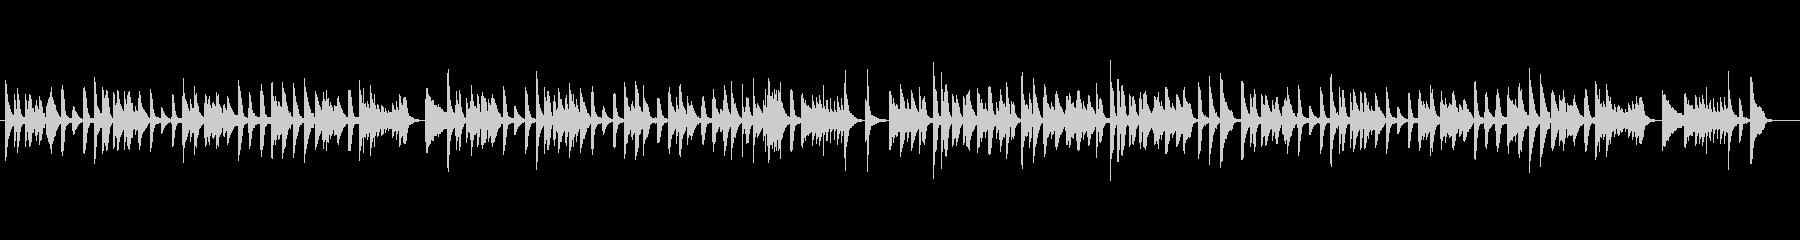 古き時代を懐かしむラグタイムソロピアノの未再生の波形